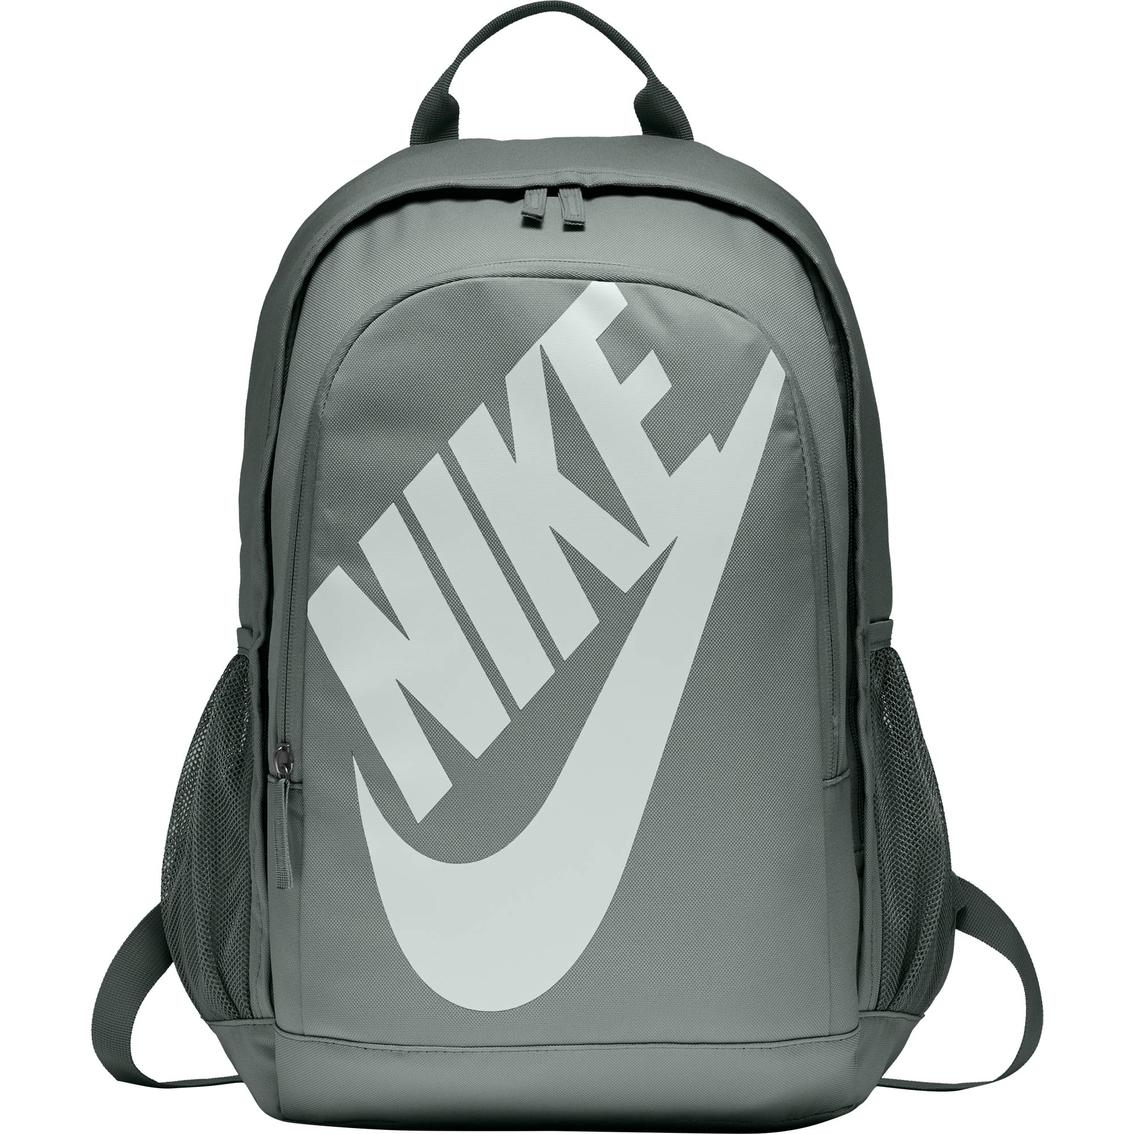 63a2be7bc153 Nike Hayward Futura Backpack